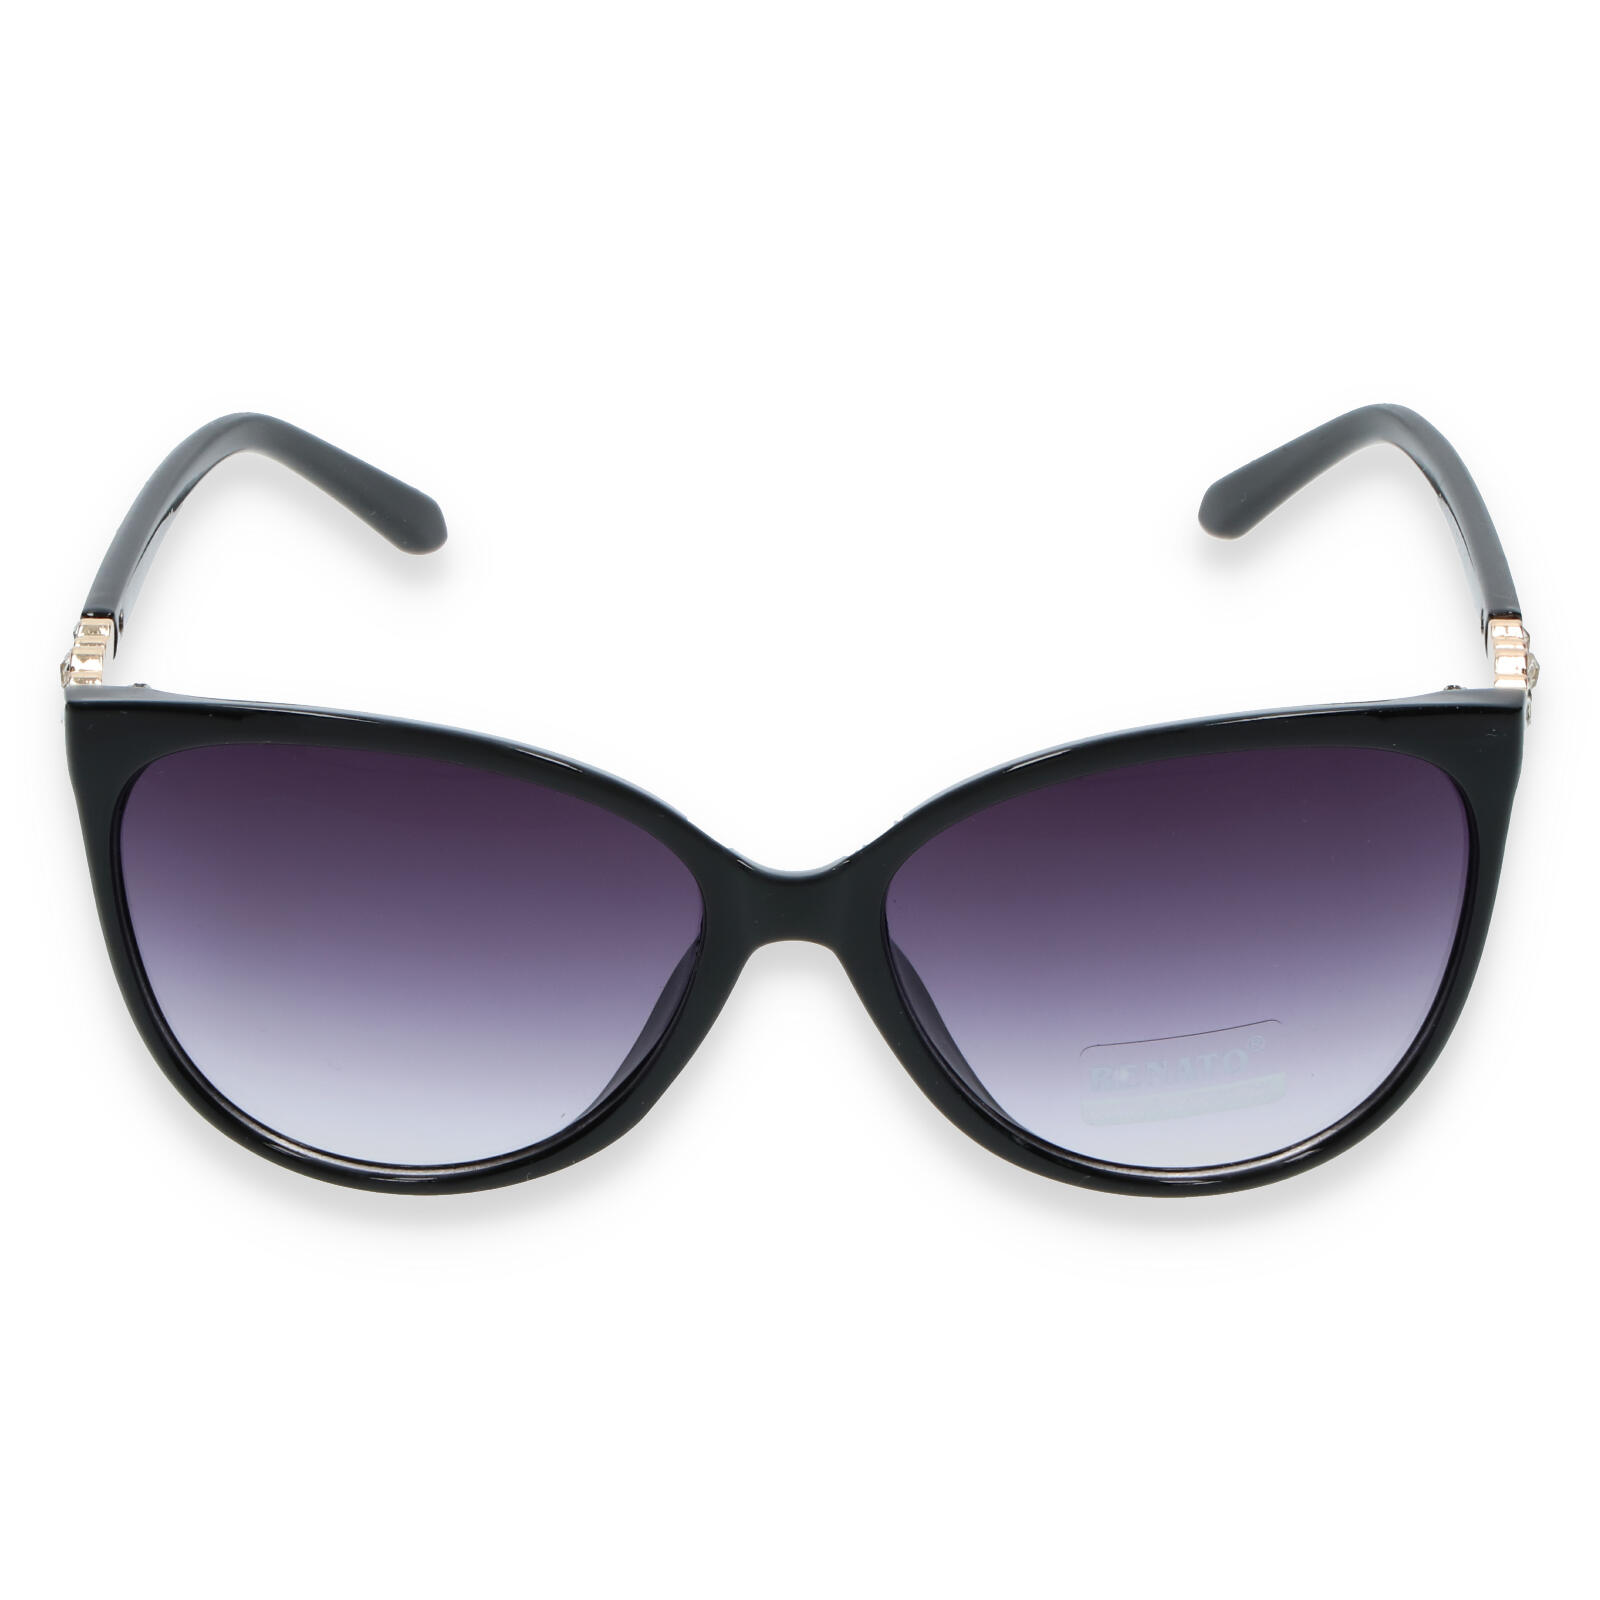 Dámské sluneční brýle černé - LUX232